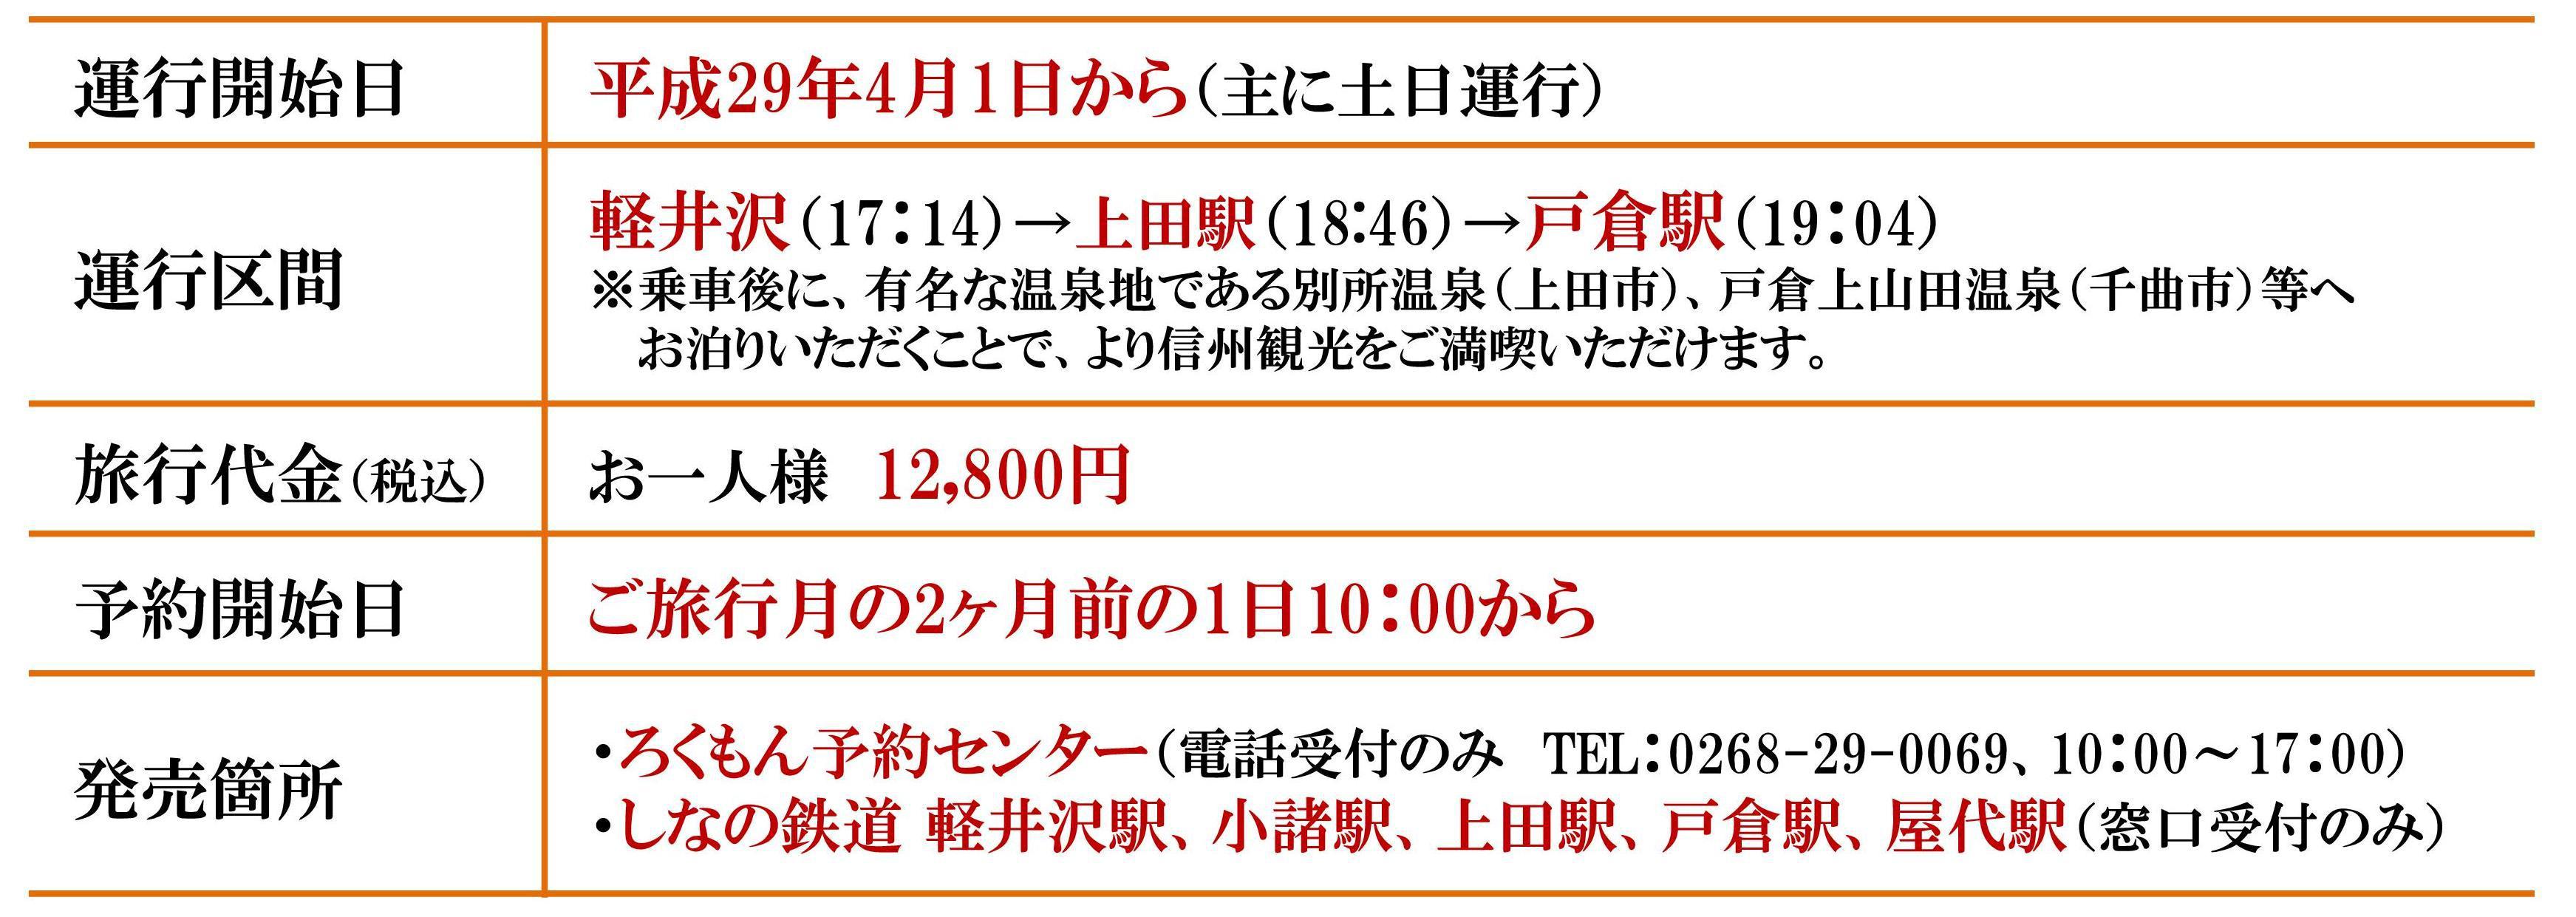 20170127_rokumon_H29_schedule_2.jpg